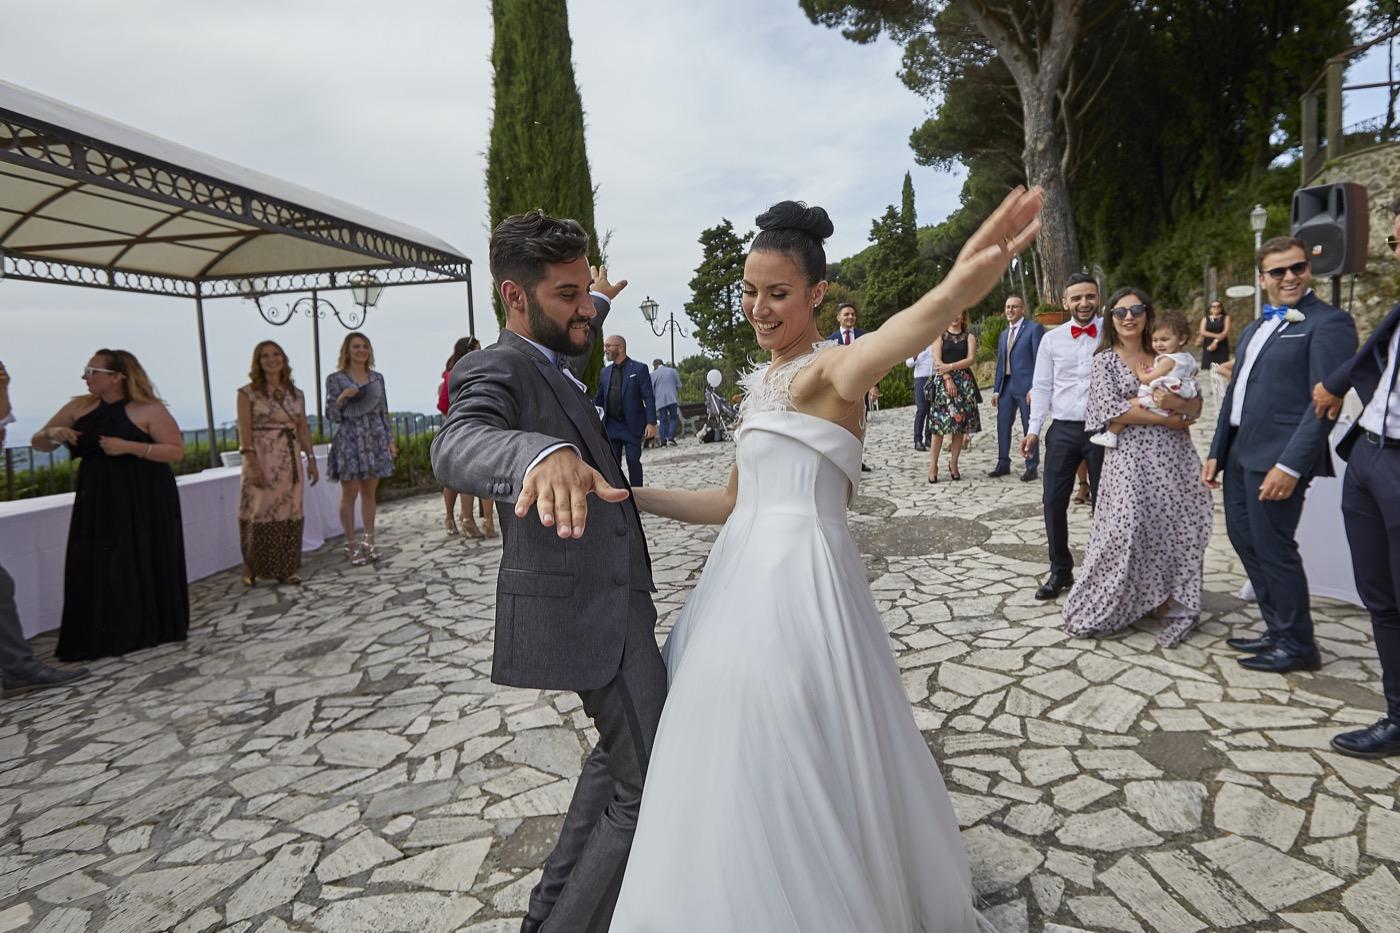 Claudio-Coppola-wedding-photographer-villa-del-cardinale-rocca-di-papa-castel-gandolfo-77